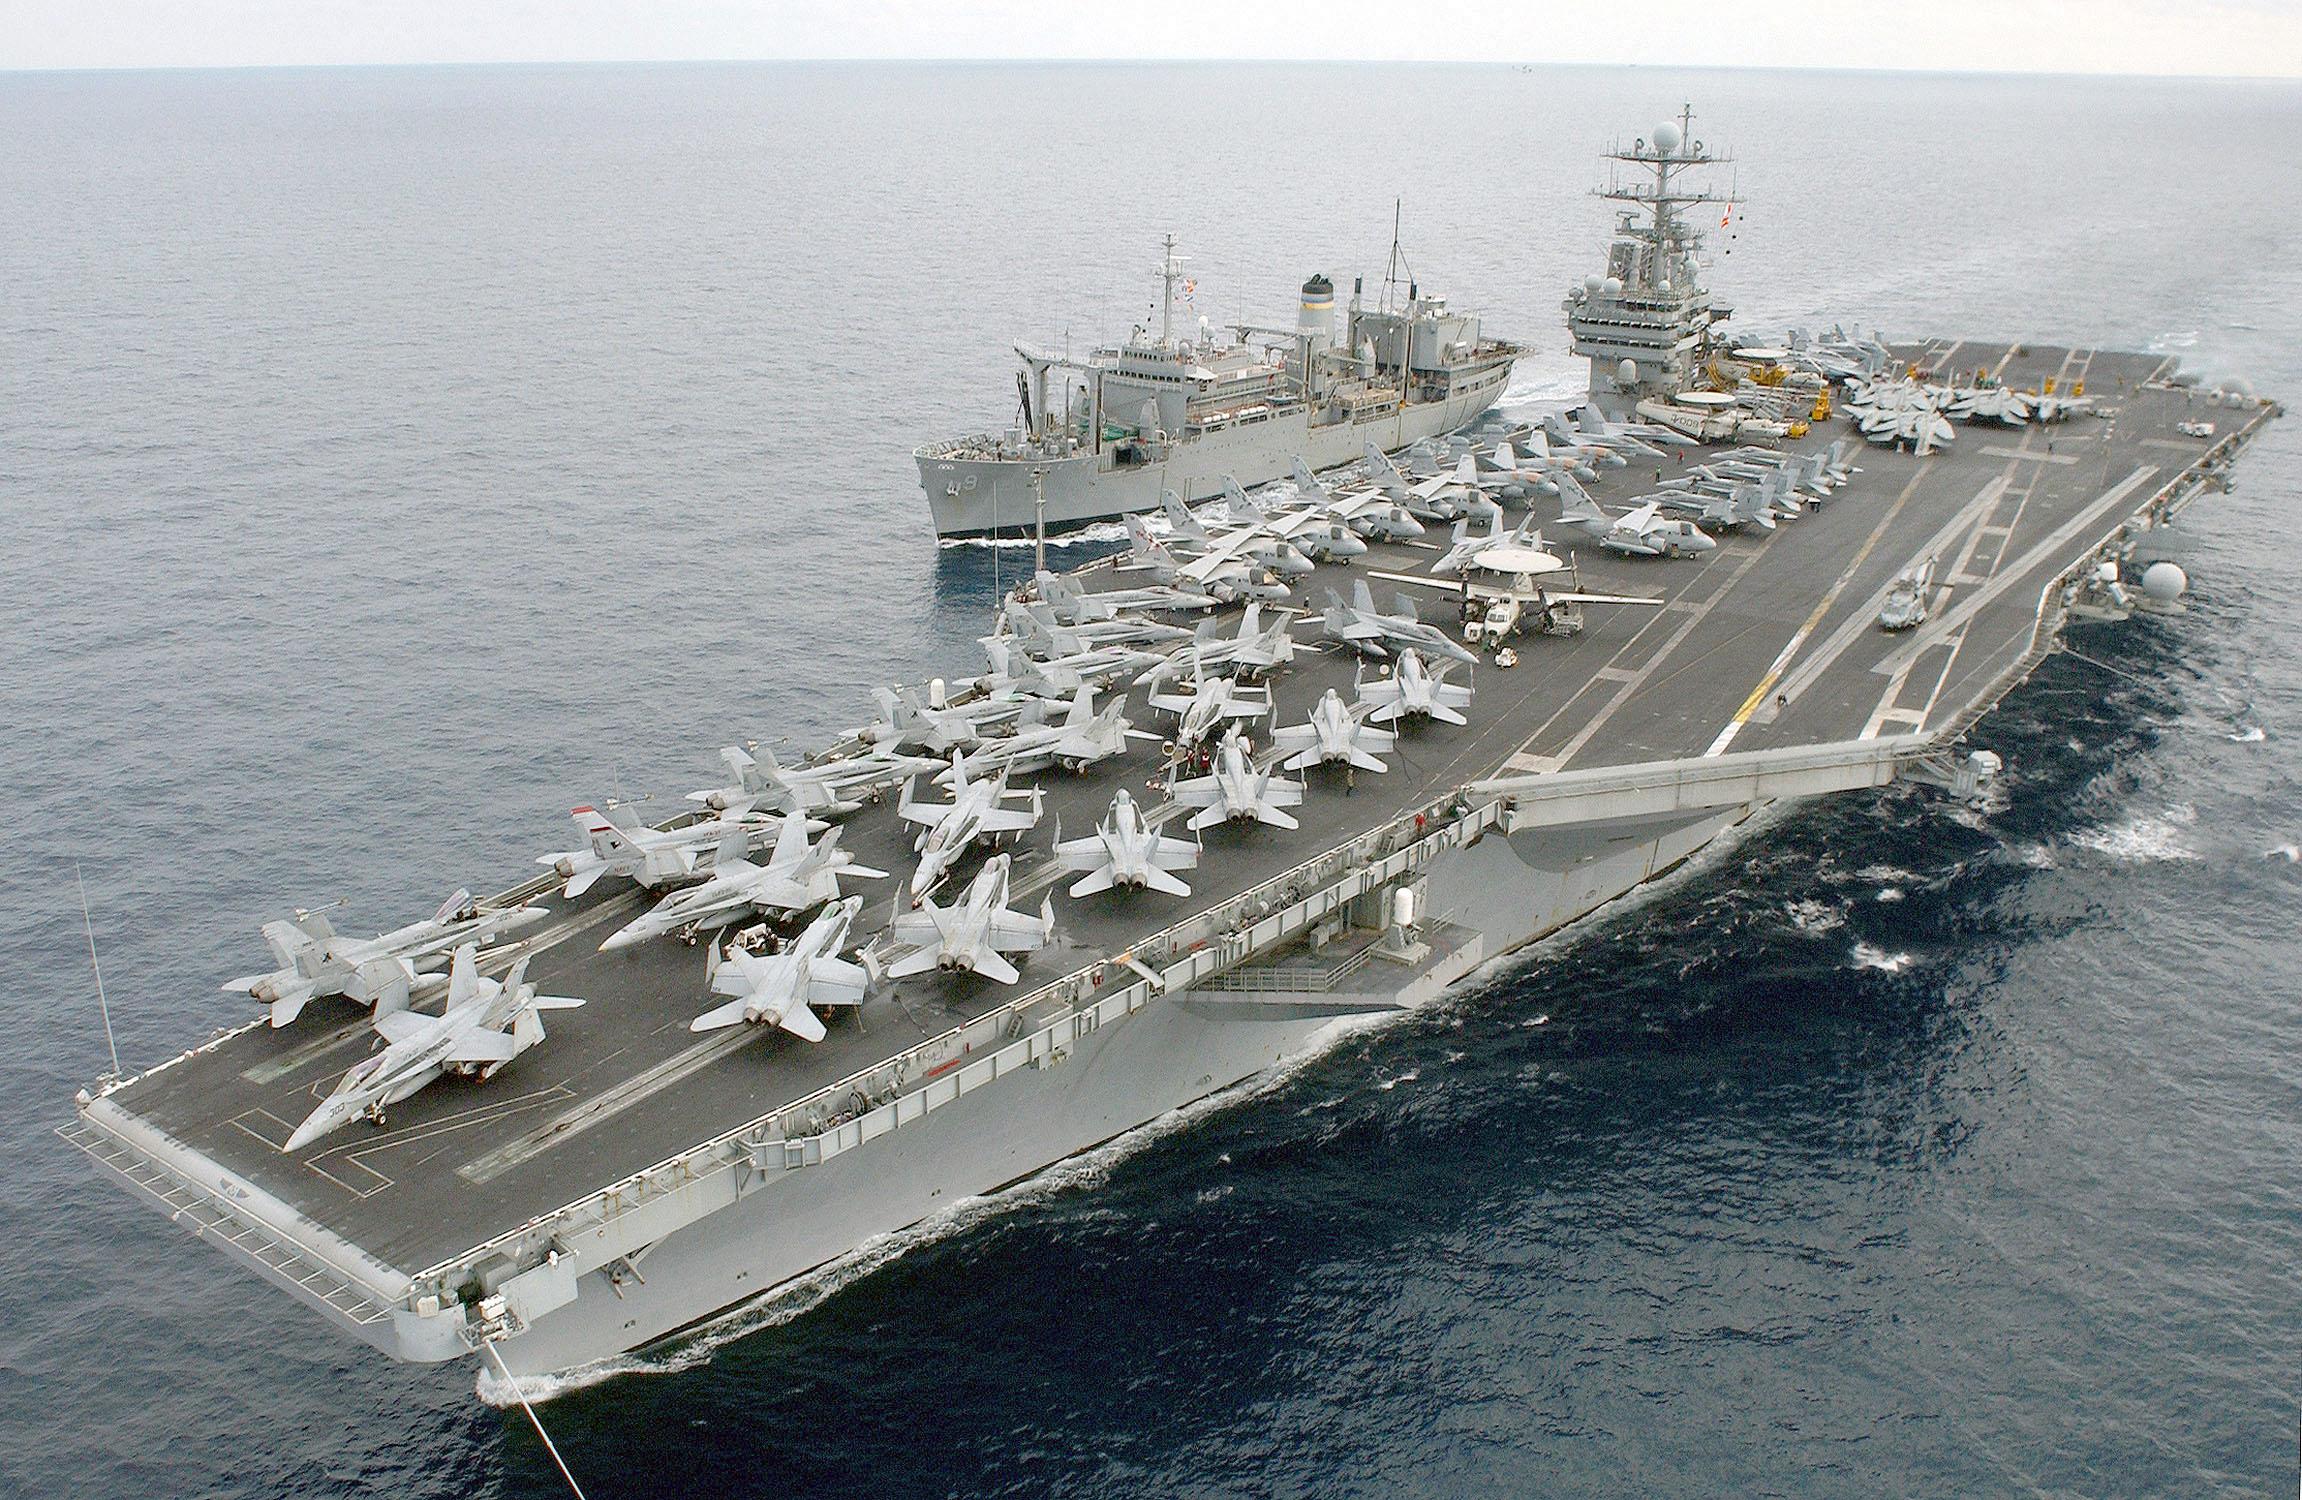 Mỹ đưa tàu sân bay hạt nhân đến 'quét sạch' IS ở Trung Đông 1